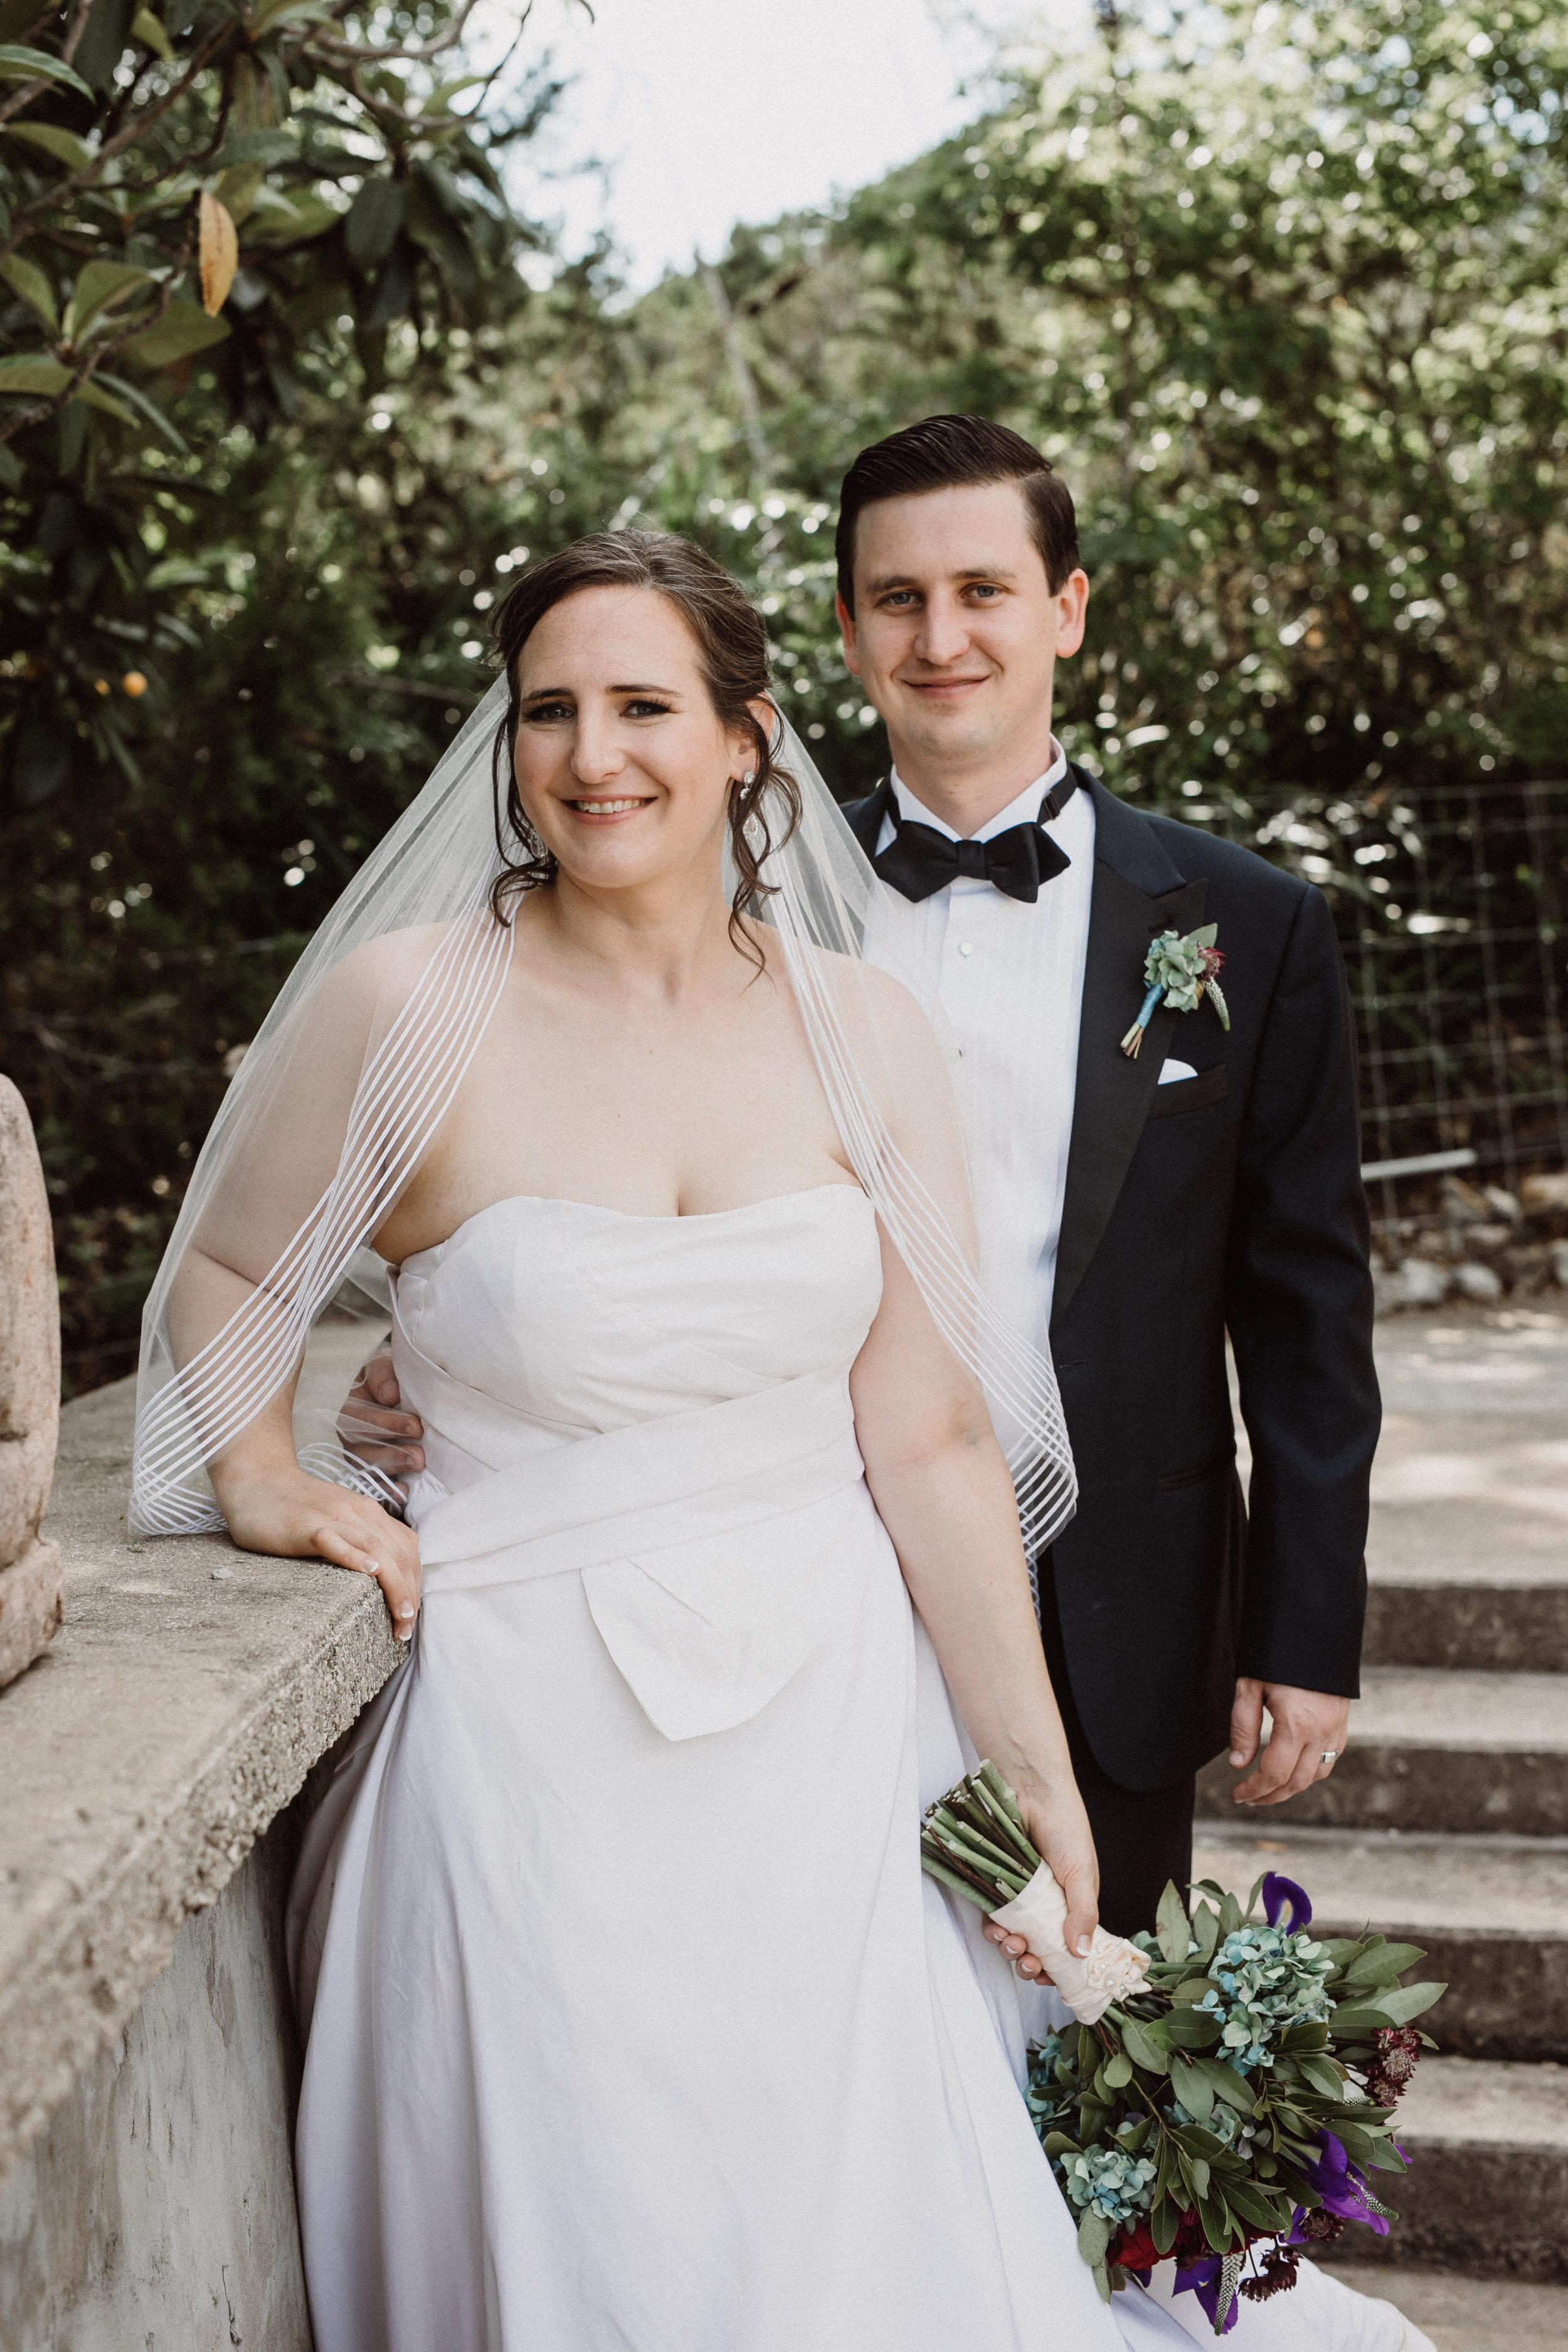 villa-antonia-wedding-JT (441 of 818).jpg